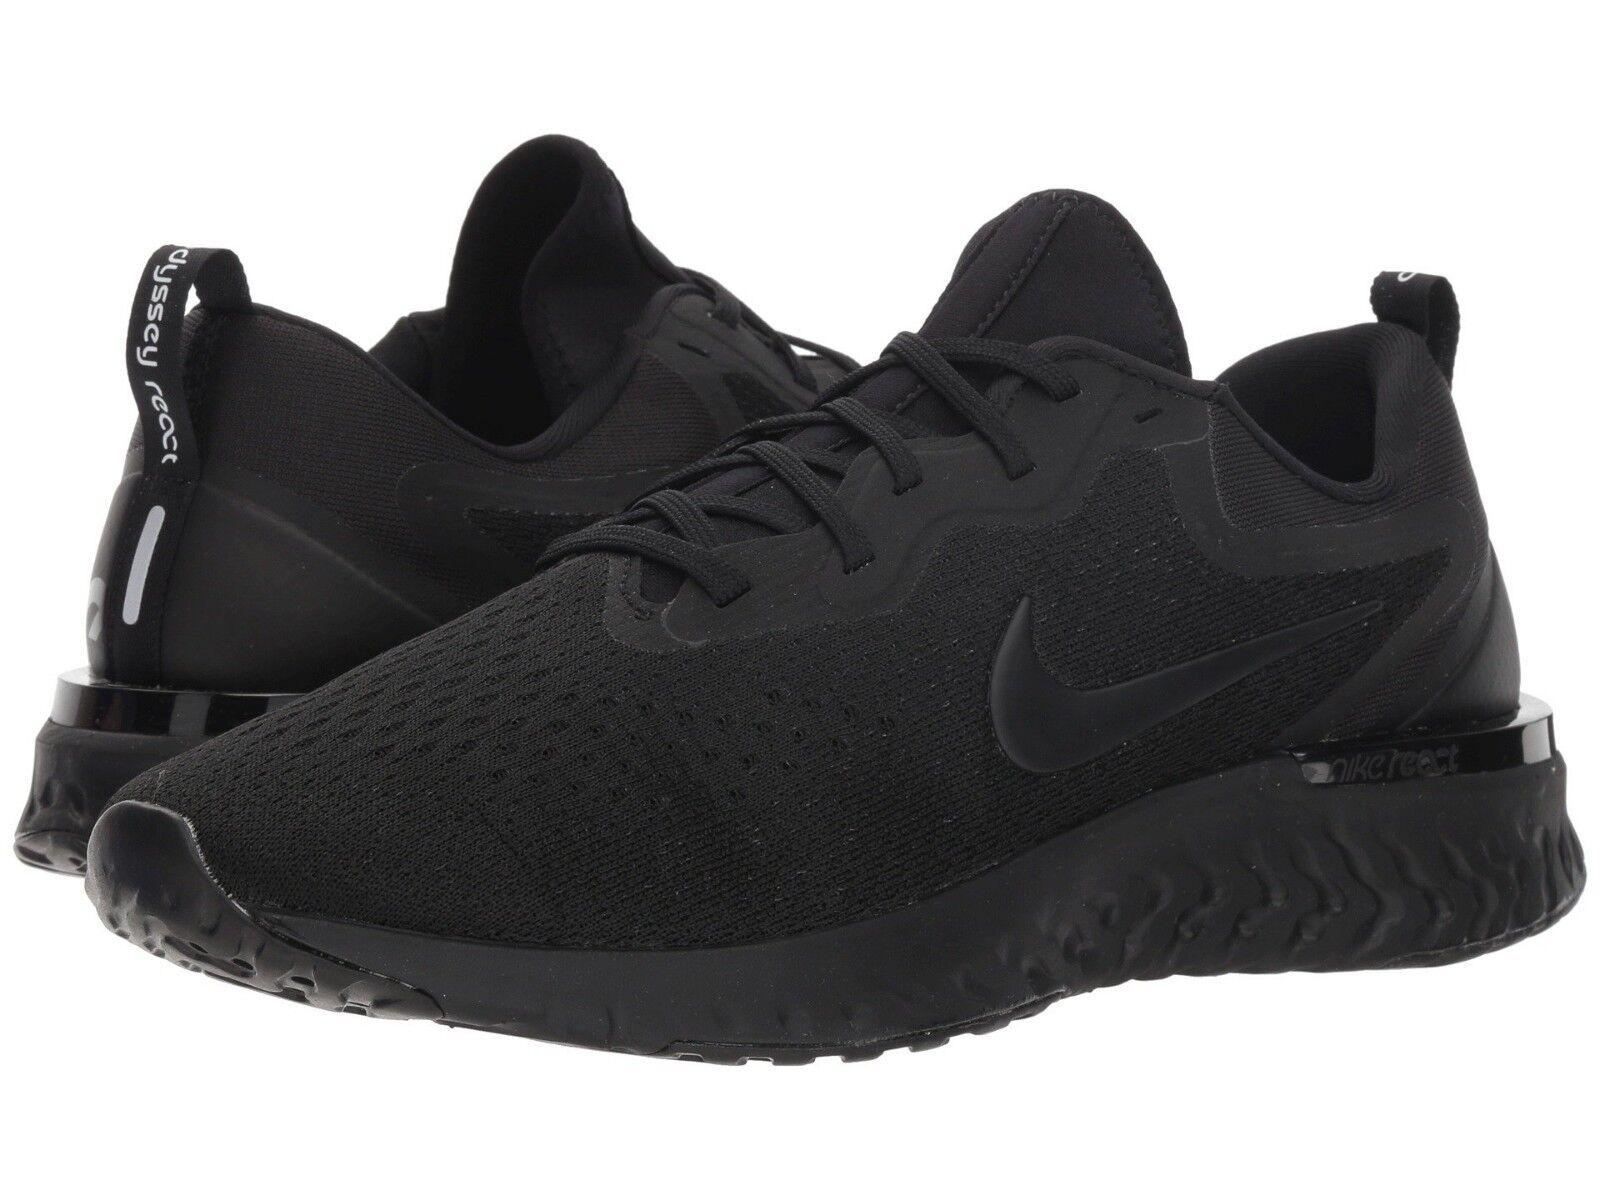 AO9819-010 Men's Nike React Odyssey NIB Running Black/Black Sizes 8-13 NIB Odyssey c3046f